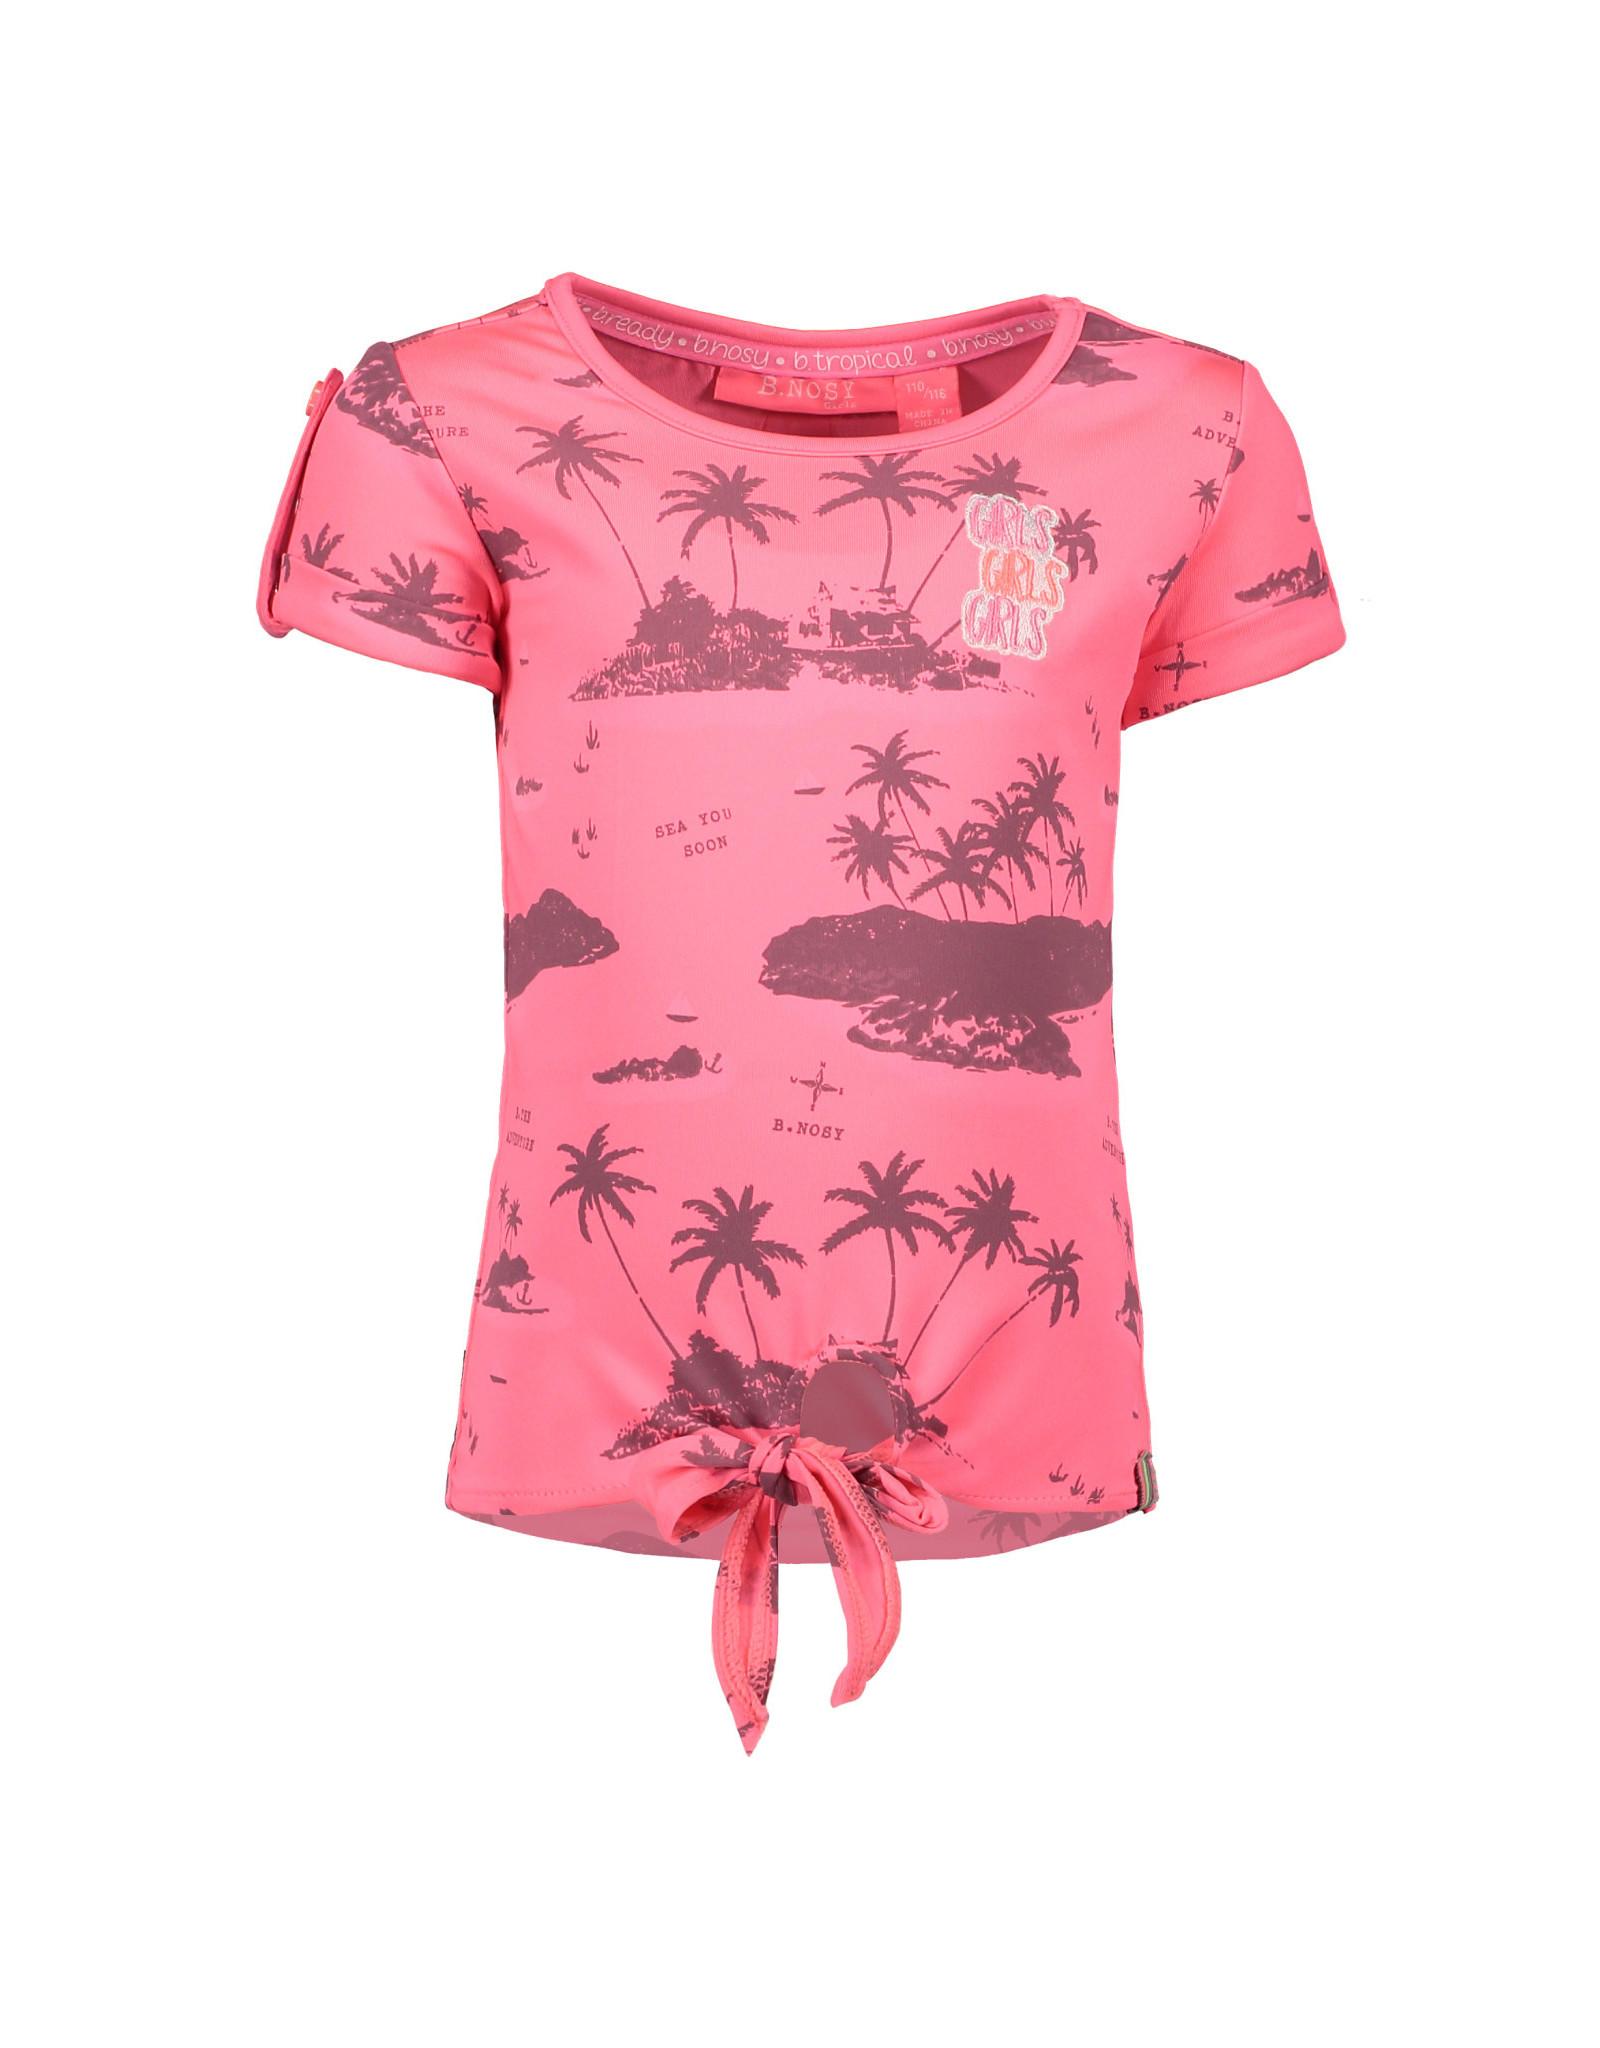 B.Nosy B.Nosy meisjes knoop t-shirt met palmbomen